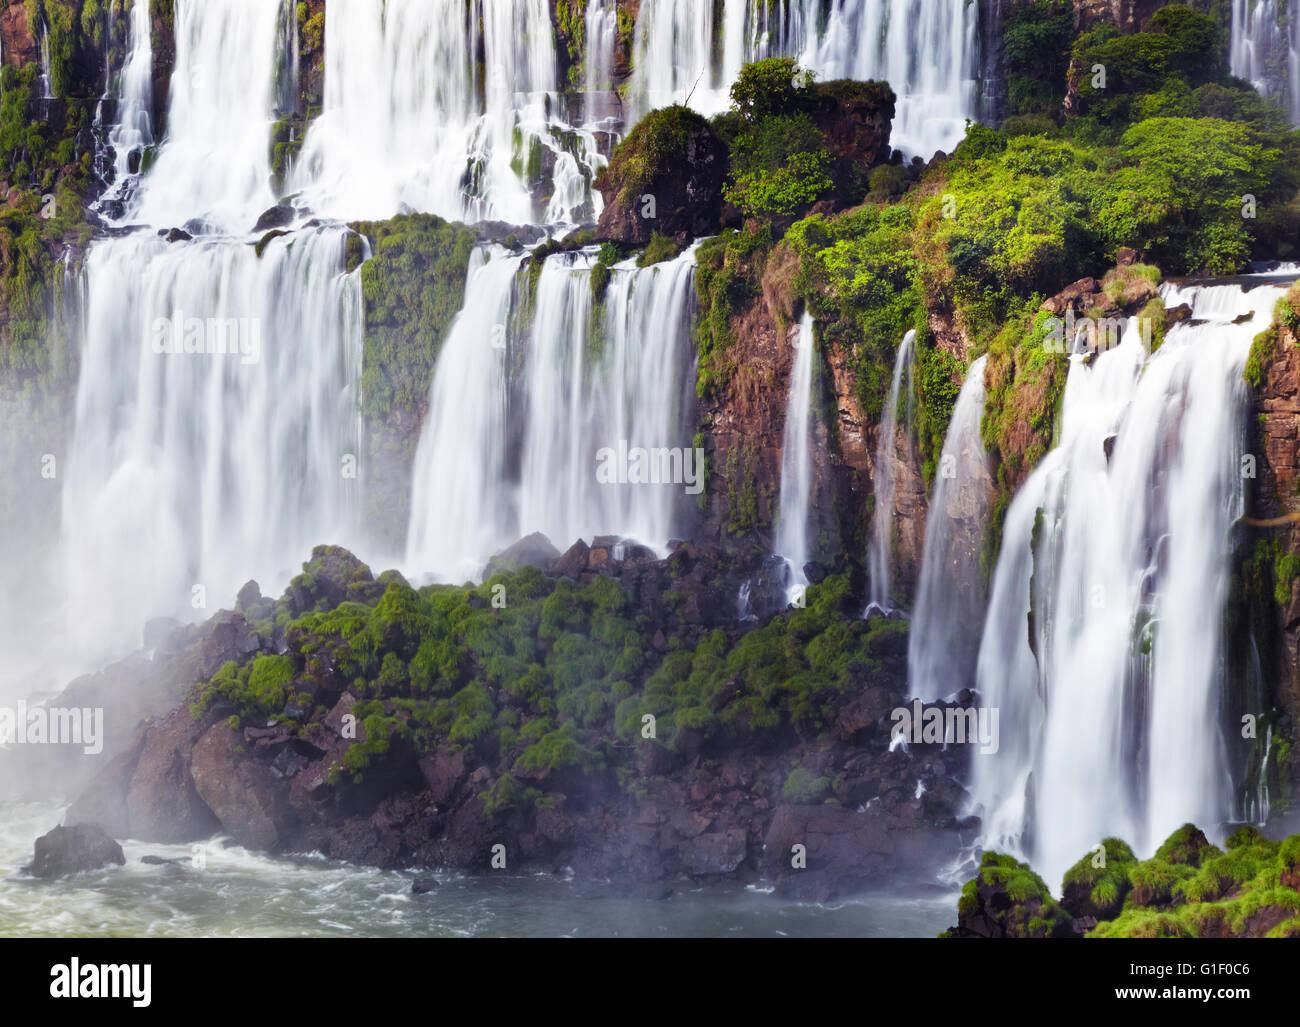 Iguasu Wasserfälle, die größten Serie von Wasserfällen der Welt, befindet sich an der brasilianischen Stockbild